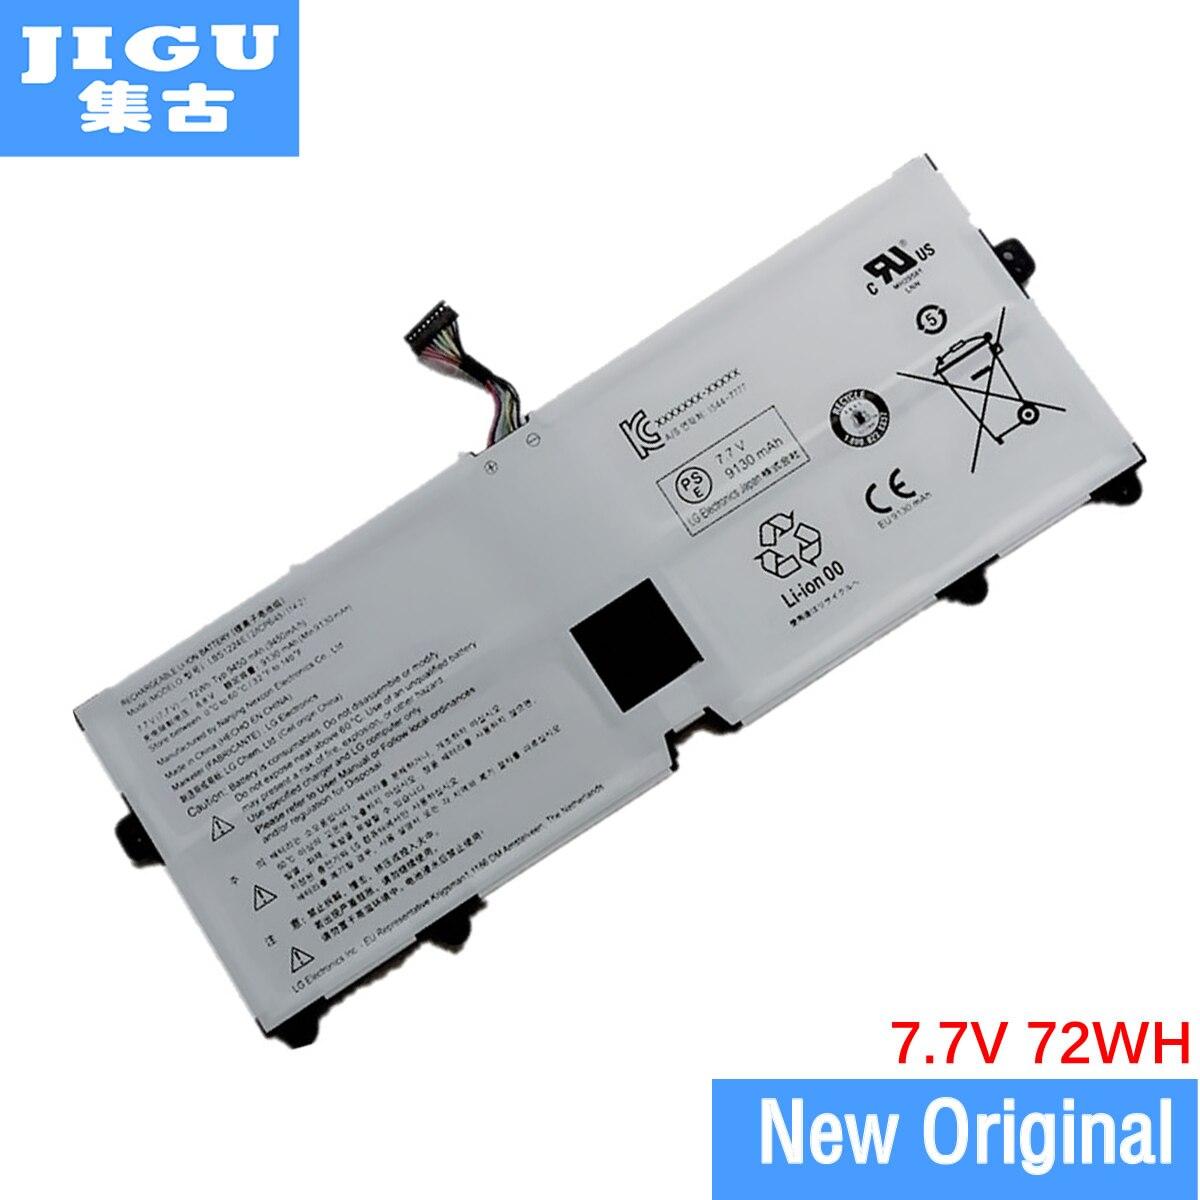 JIGU LG LBS1224E için orijinal Laptop batarya Gram 13Z980 15Z980 15Z990 13Z990 17Z990 7.7V 72WH